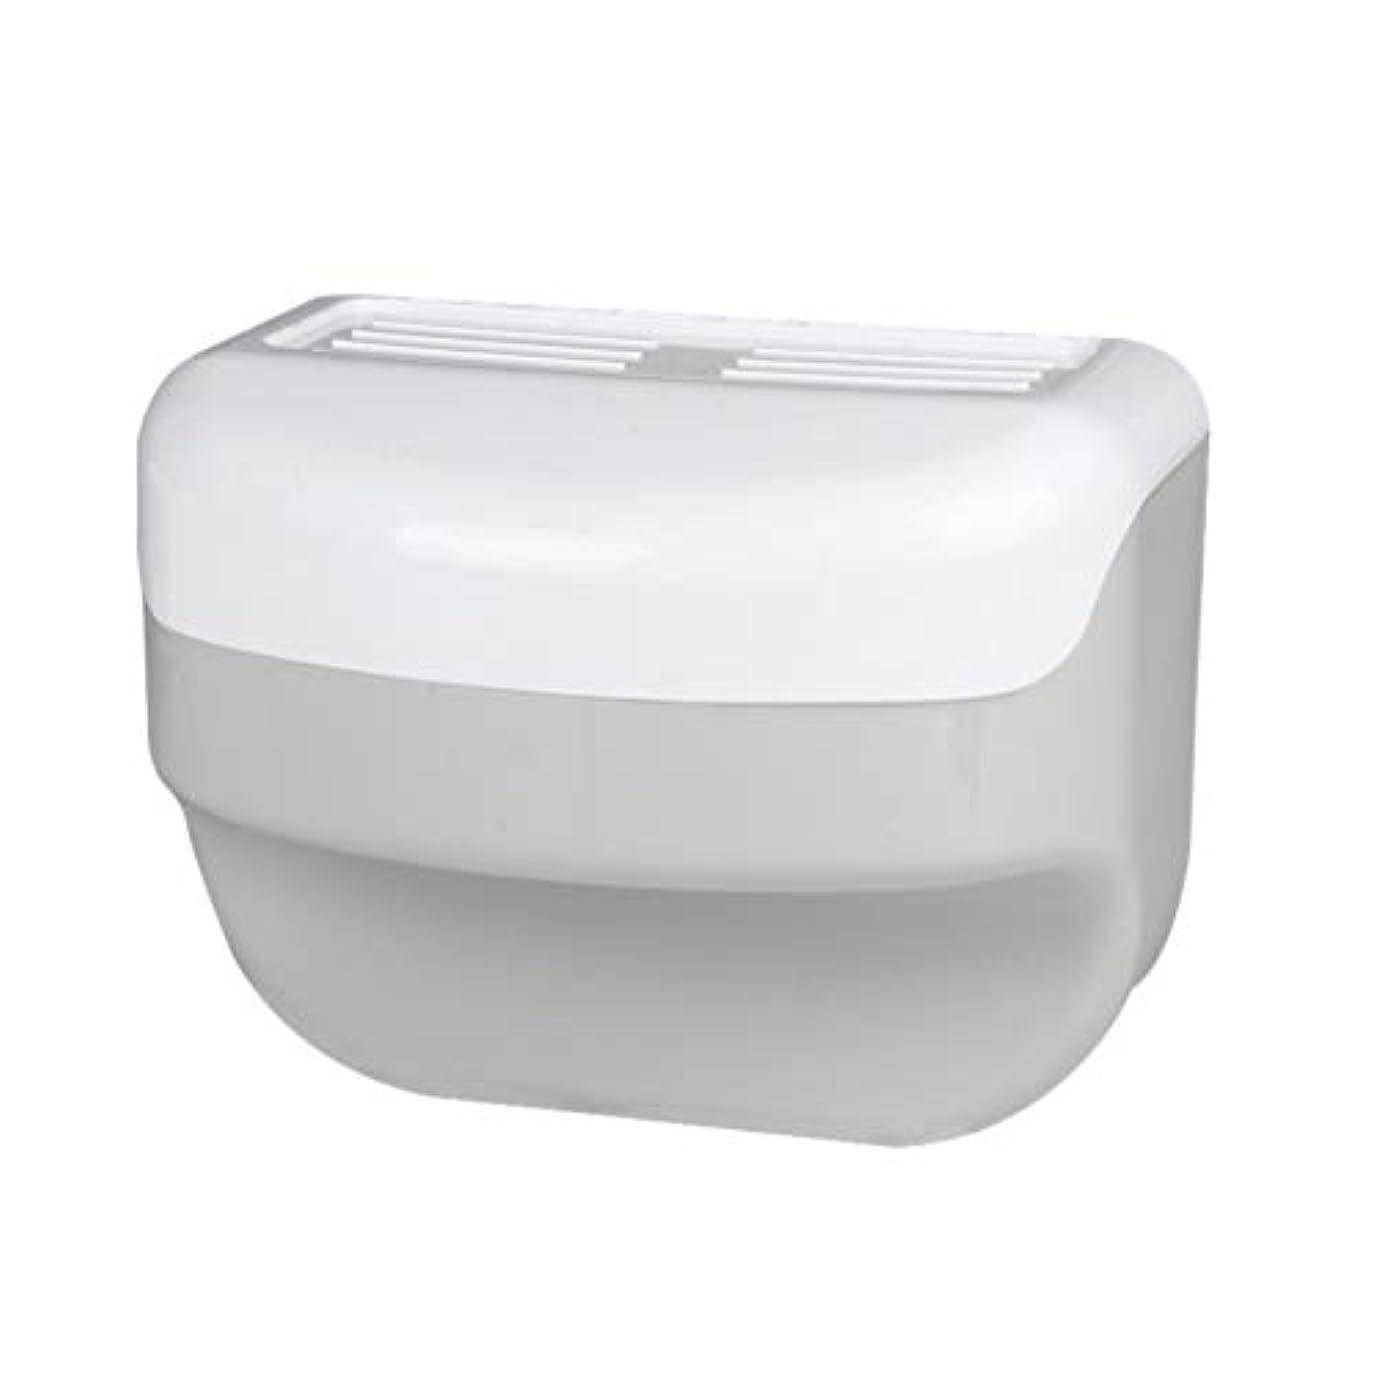 キノコ翻訳ハイライトTOPBATHY 浴室トイレティッシュボックスラック壁吸盤ロールホルダーフリー掘削ネイルフリーティッシュボックス